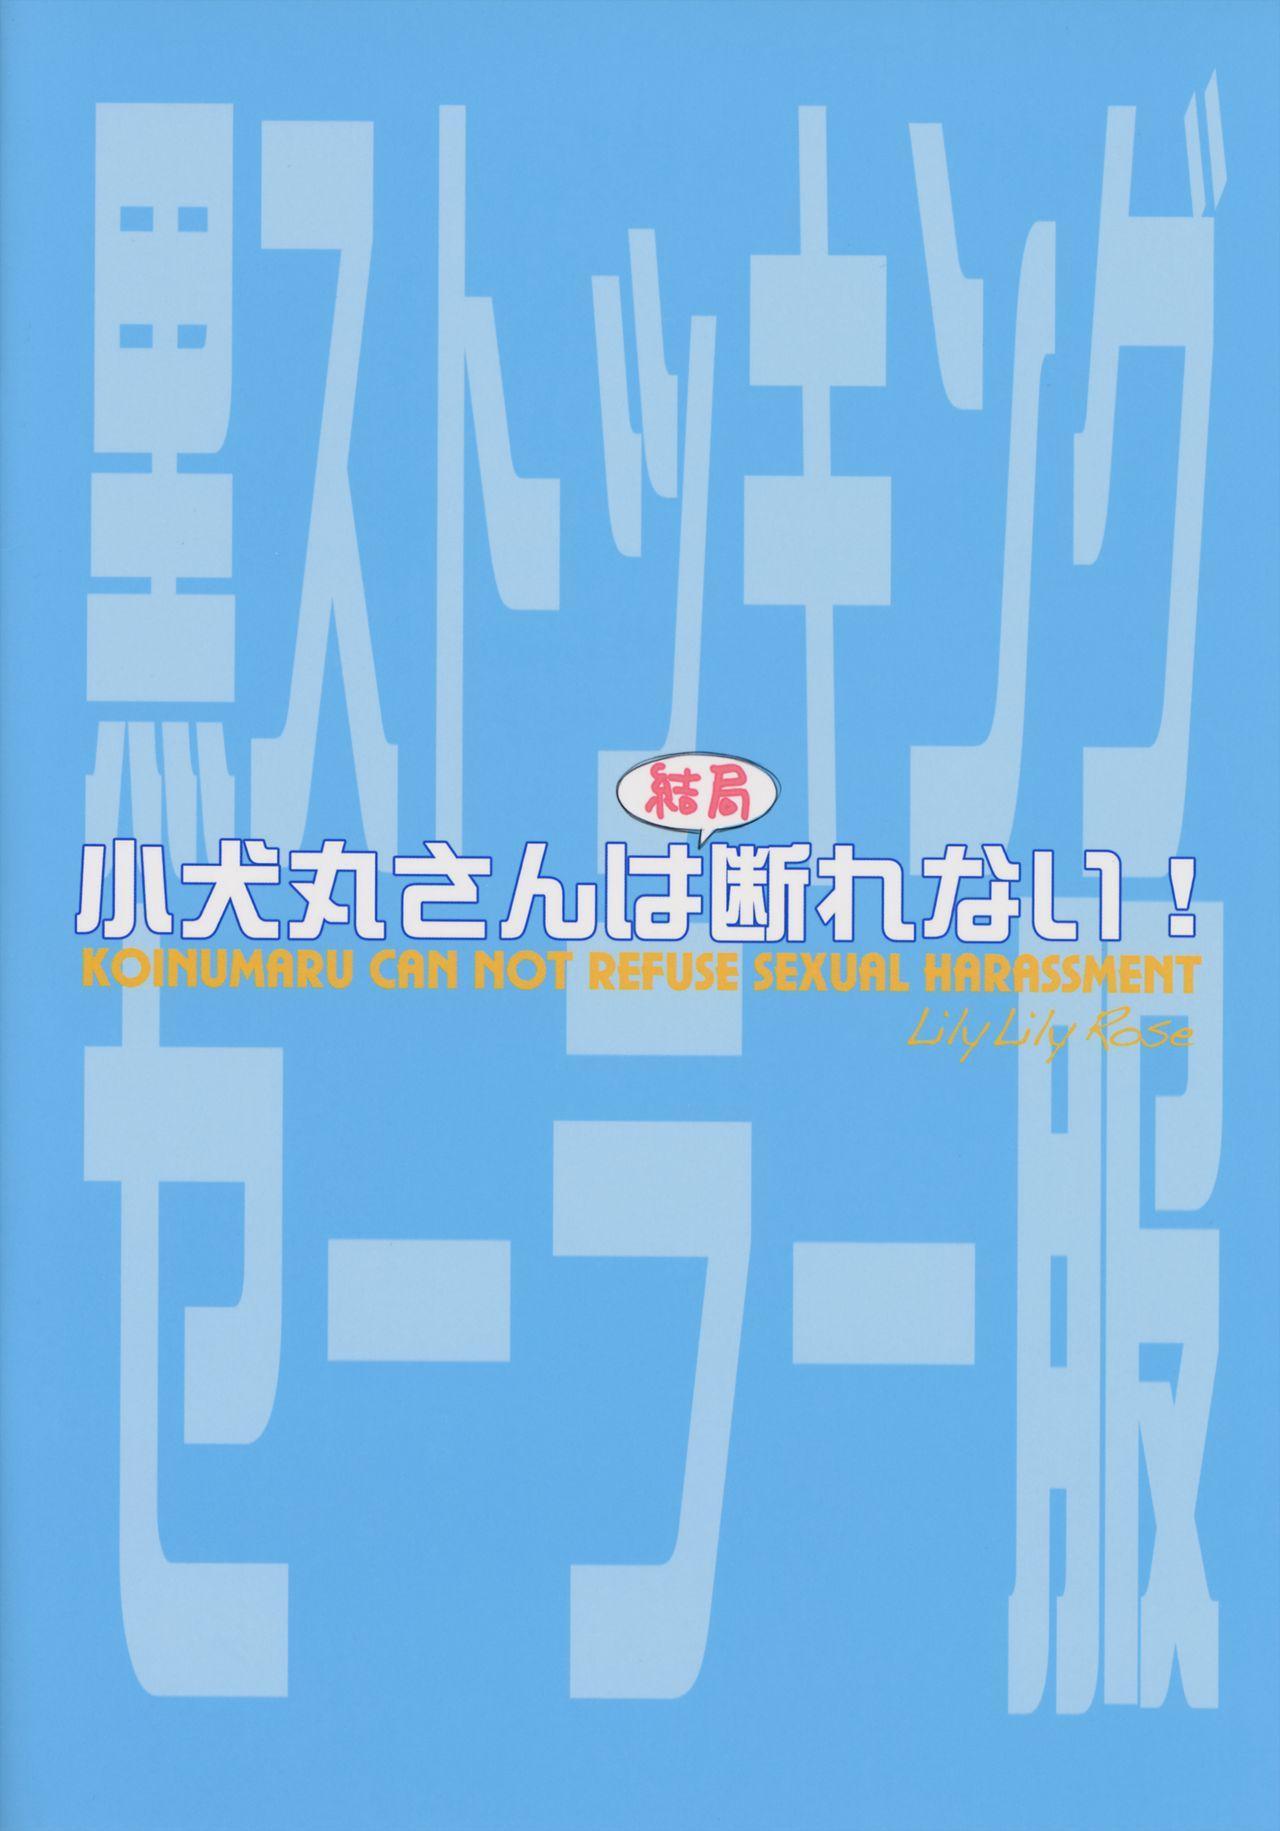 Koinumaru-san wa Kekkyoku Kotowarenai 20